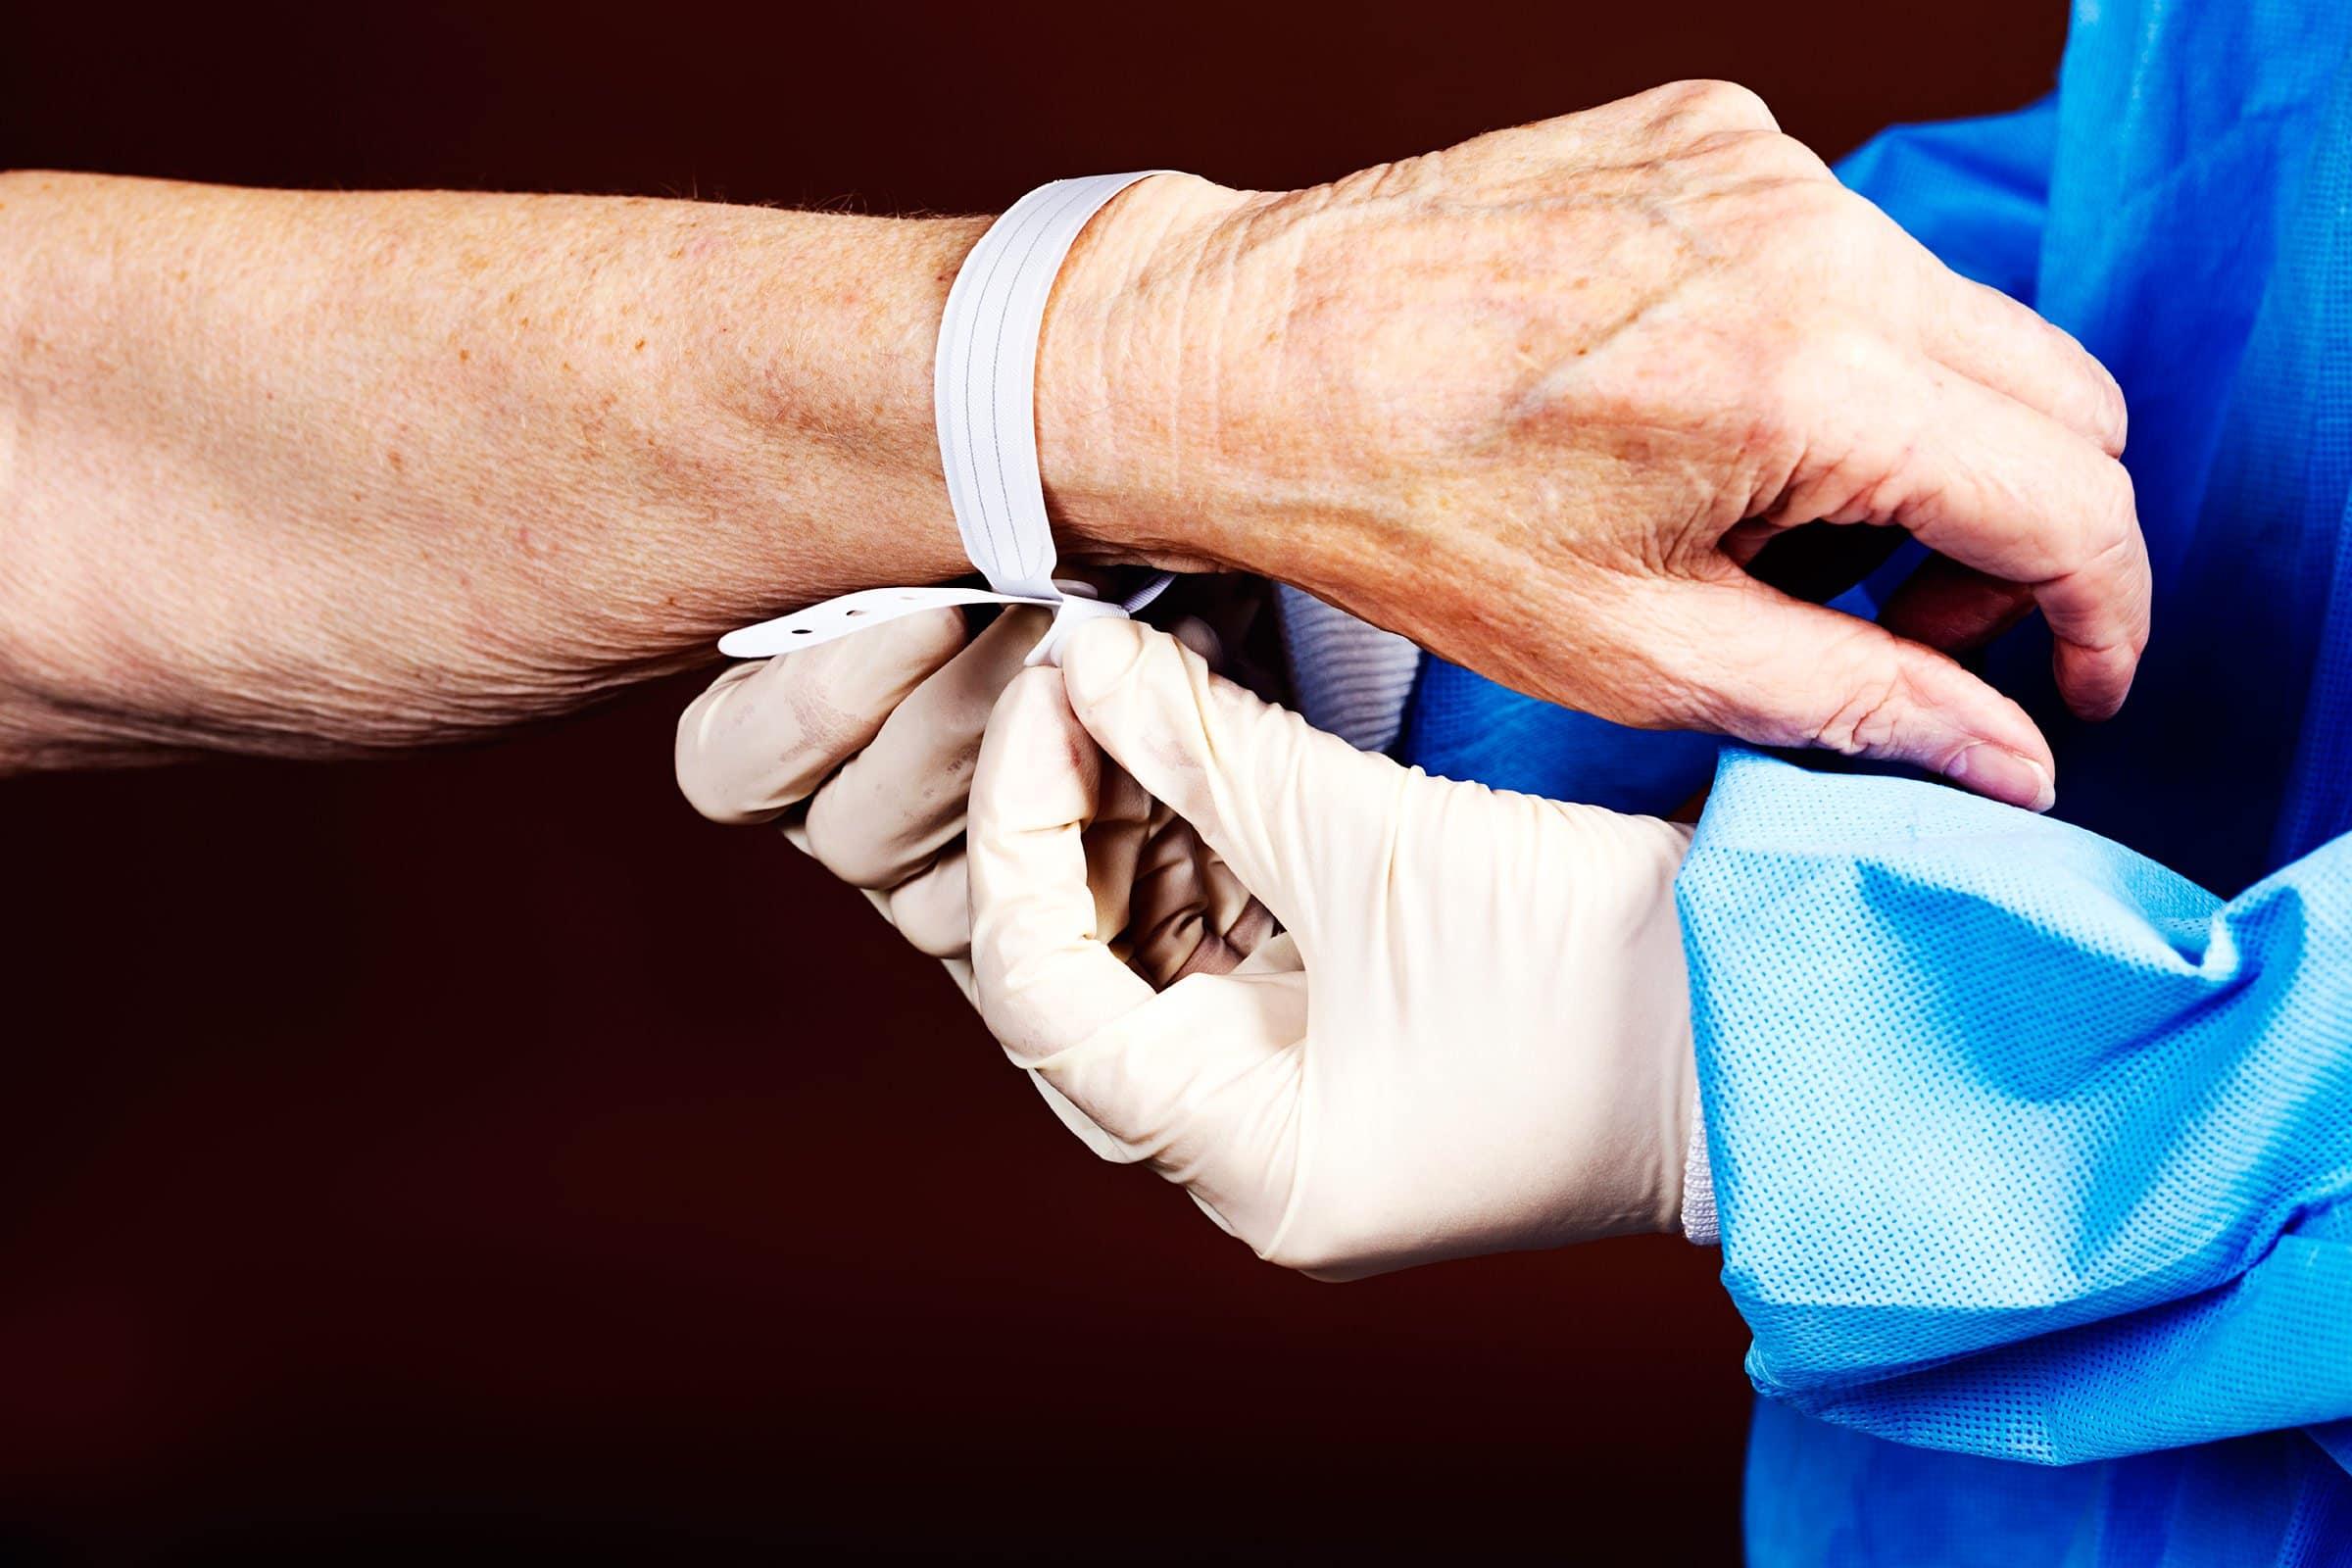 enfeksiyon bulaştırma riski